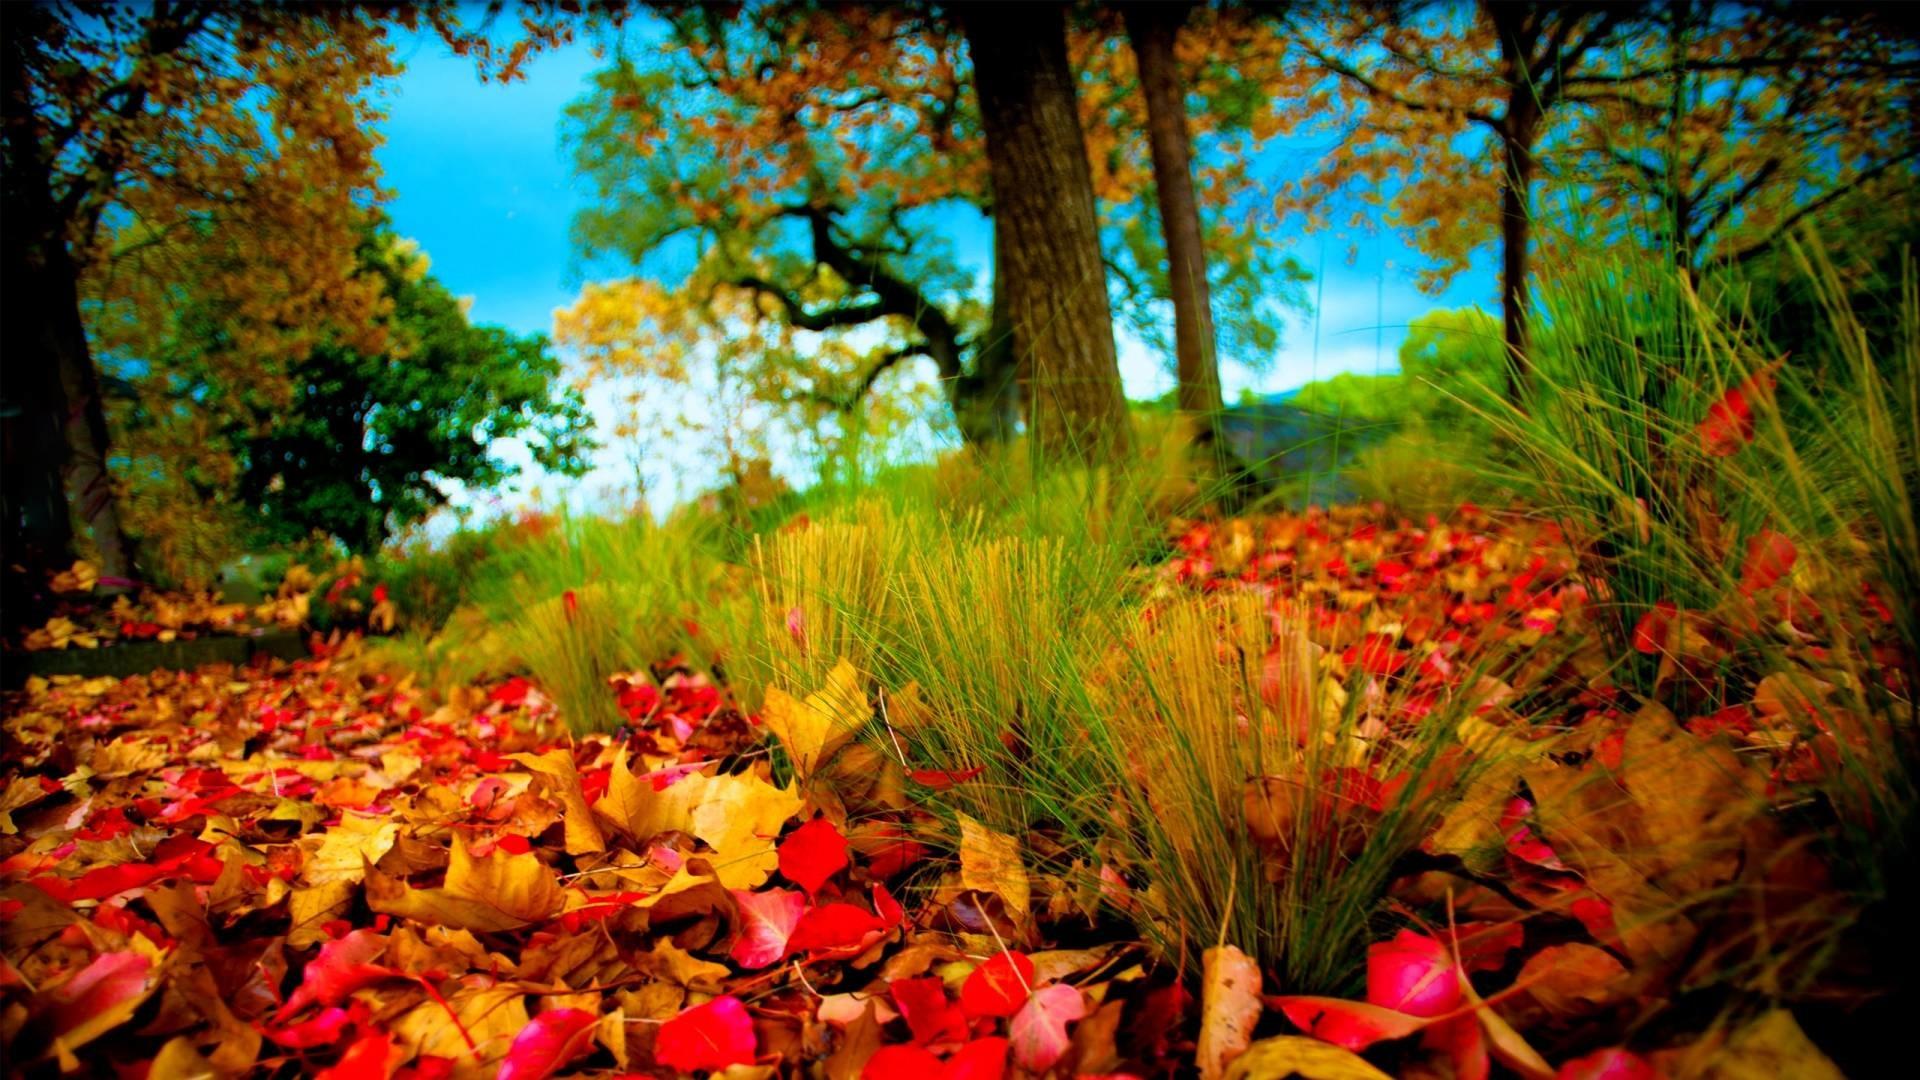 Hd wallpaper nature 3d - 1920x1080 Hd Wallpapers 1080p Nature 3d